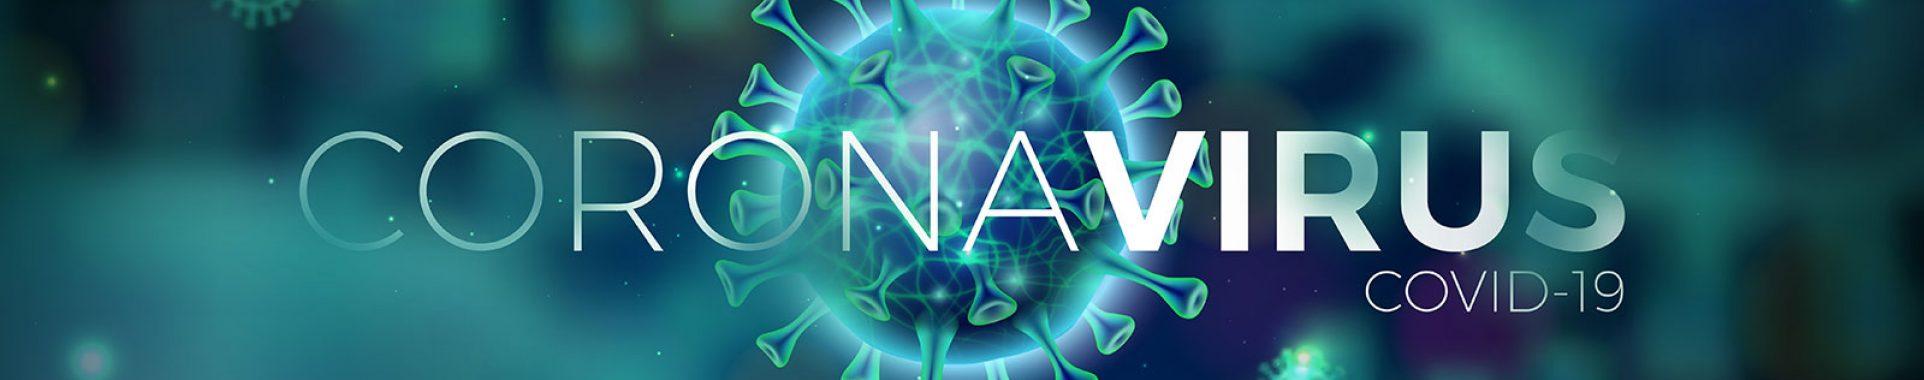 asesores-coronavirus-pamplona